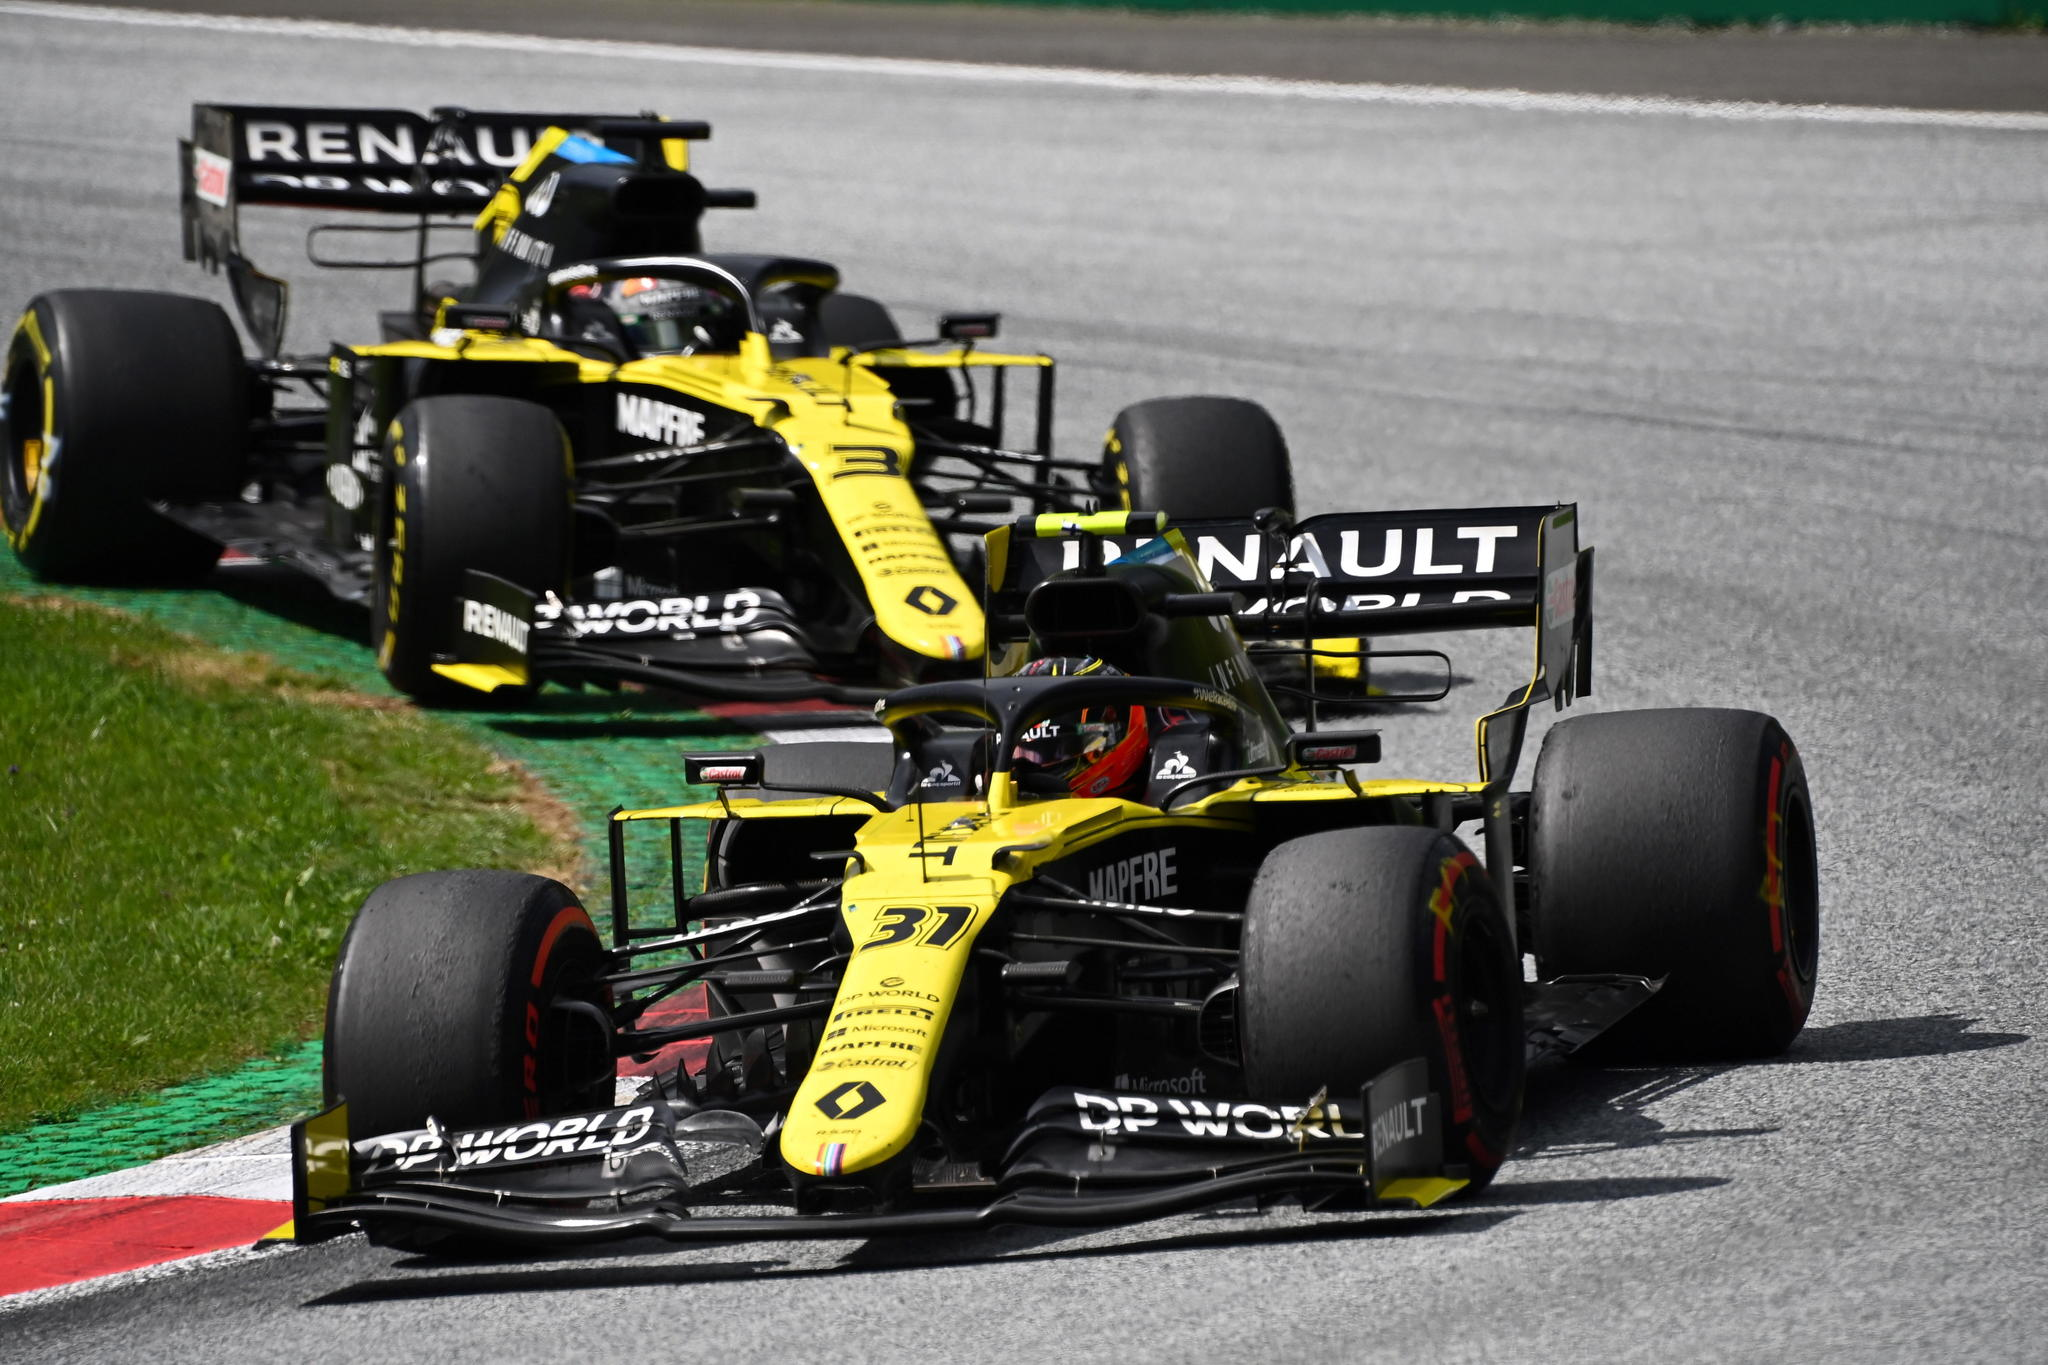 Los líos de Renault: abandonos por una pieza mal soldada y batalla legal contra los 'Mercedes Rosa'